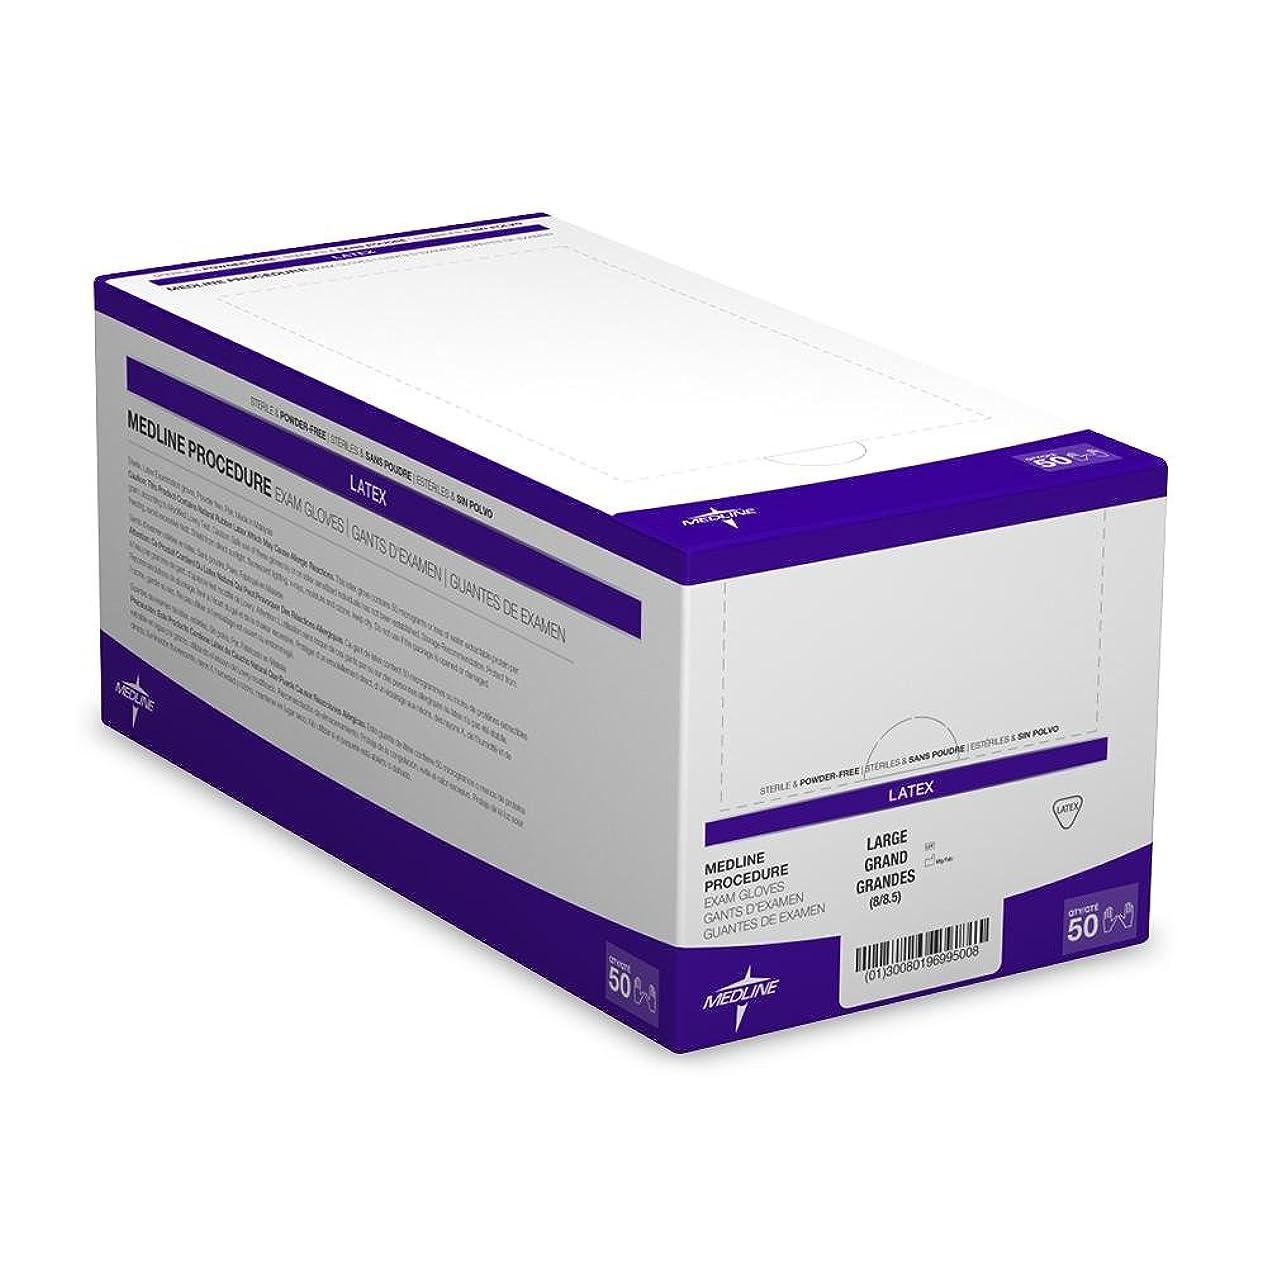 どのくらいの頻度でアルコールレディMedline MDS194036 Sterile Powder-Free Latex Exam Glove Pairs, 9 Length, Large, Beige (Pack of 200) by Medline